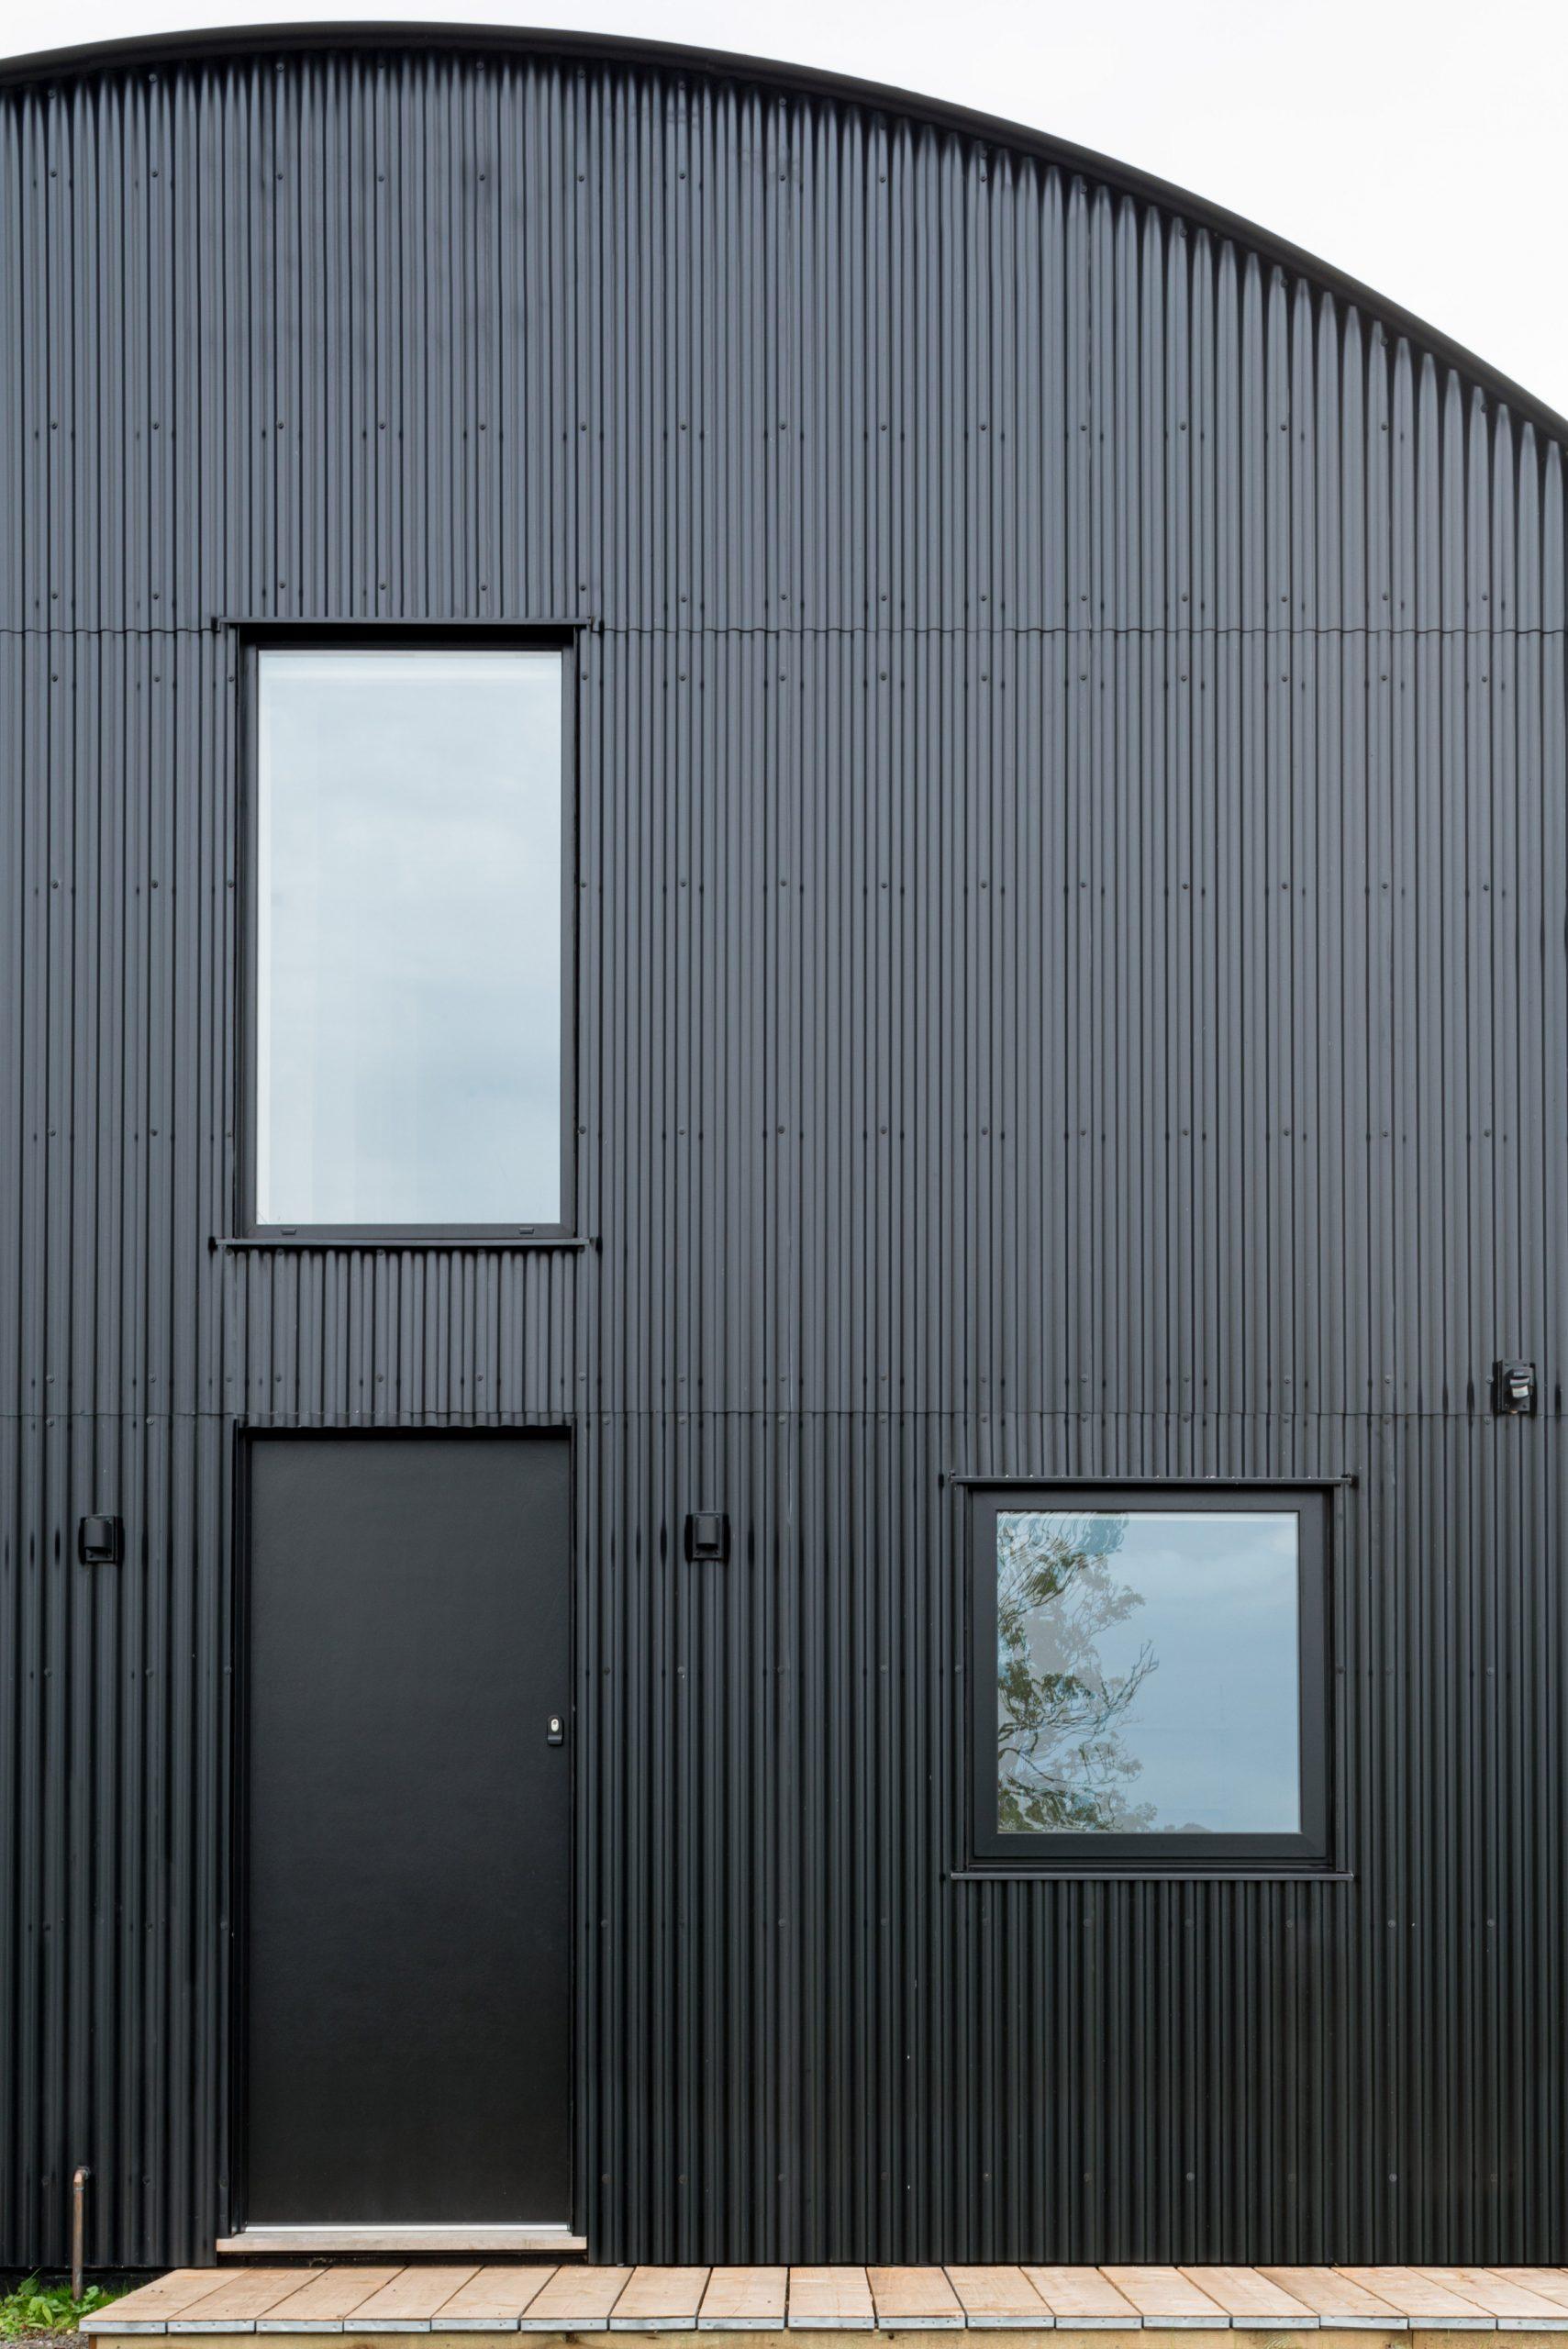 Black steel cladding of DU18 by Turner Works